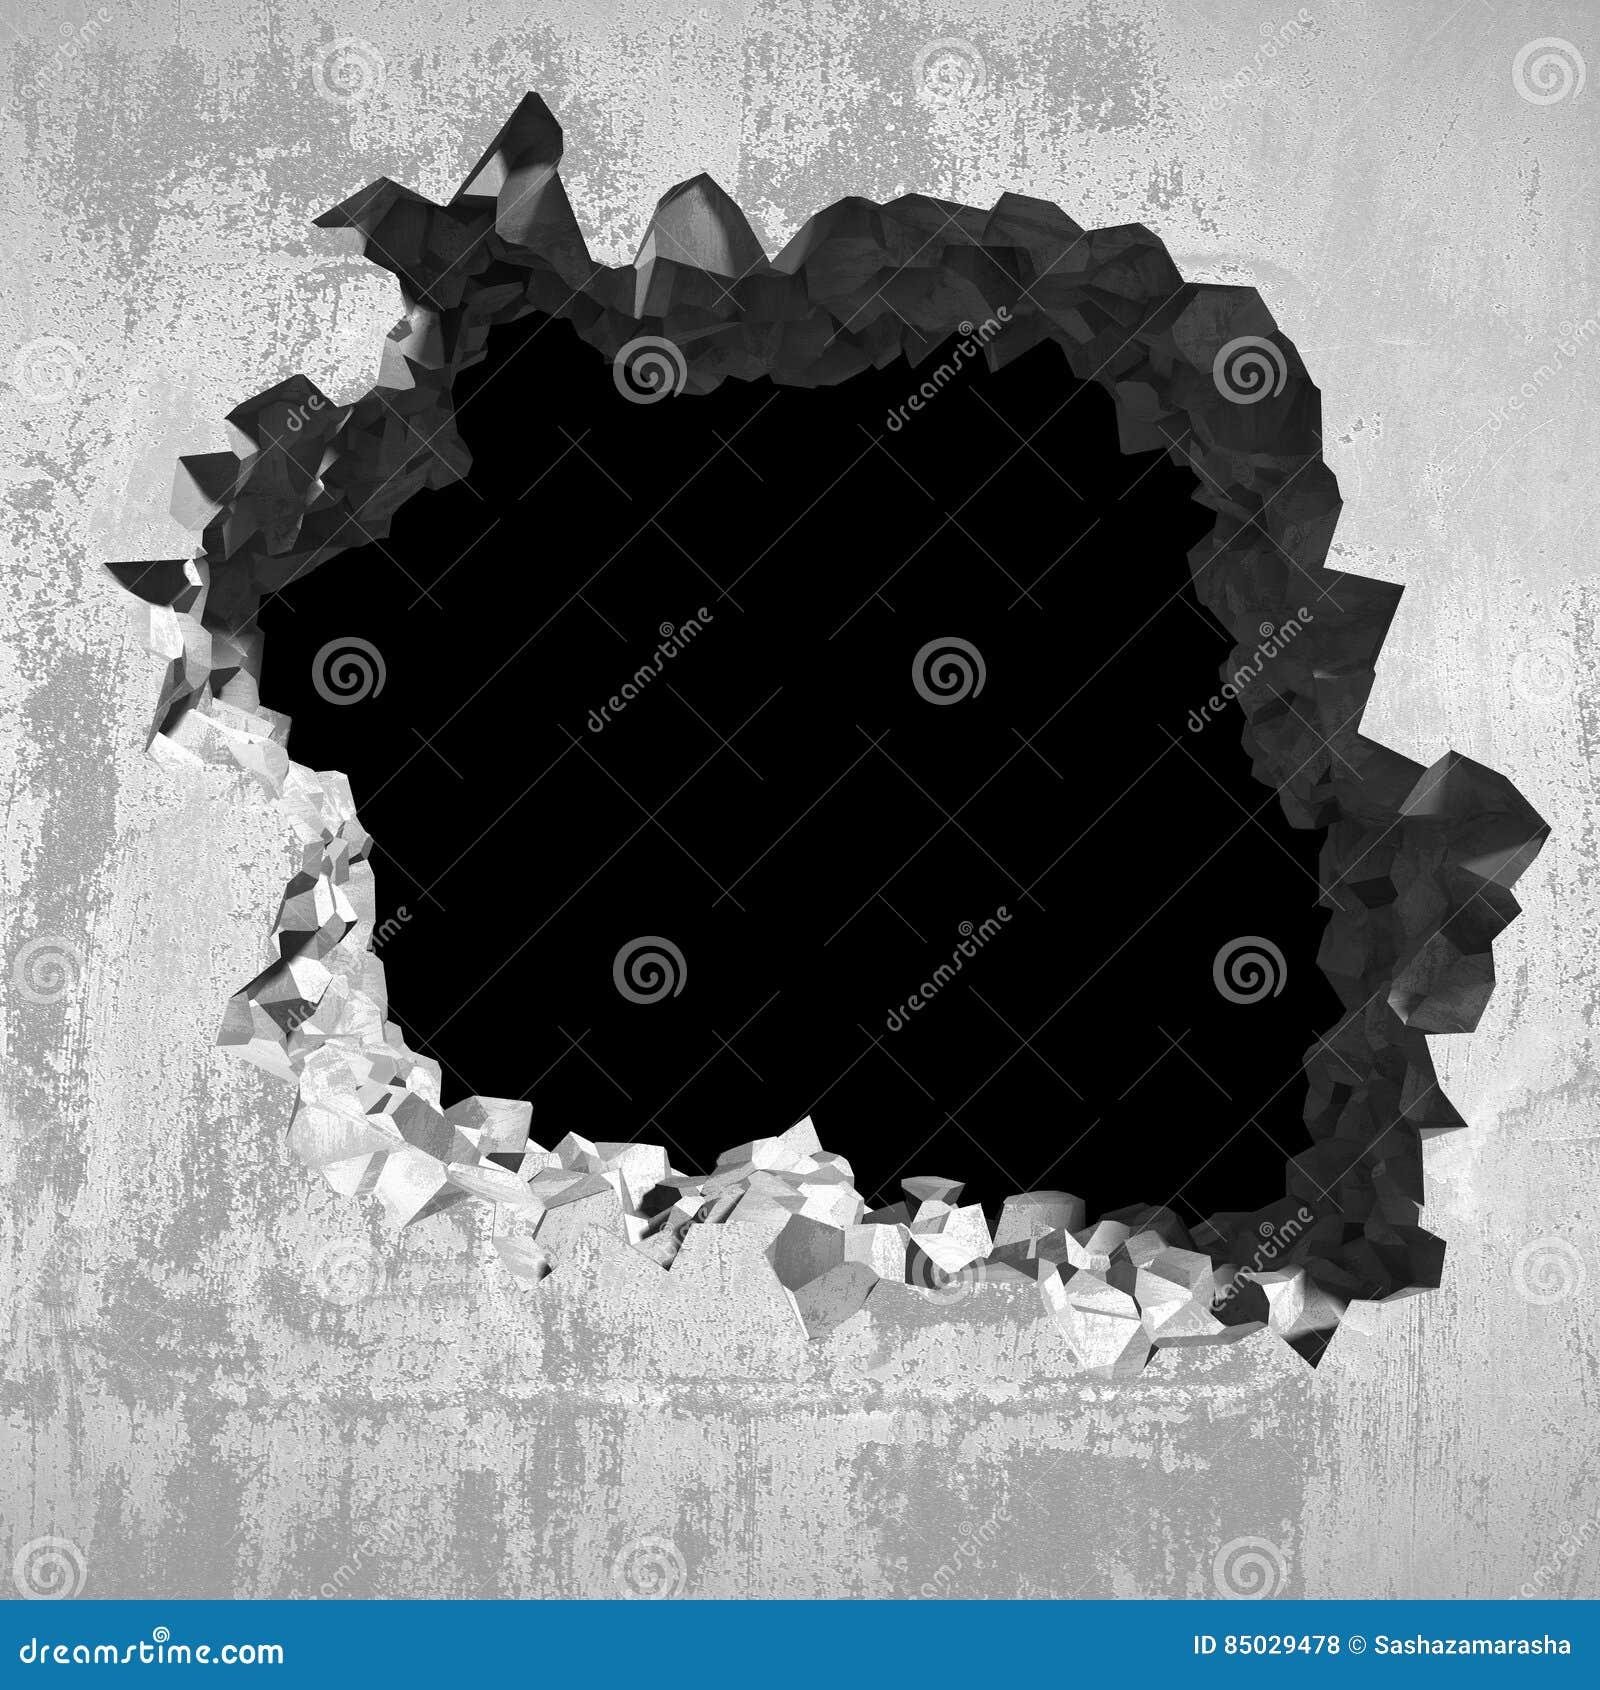 Agujero de la explosi n en pared agrietada concreta fondo - Agujero en la pared ...